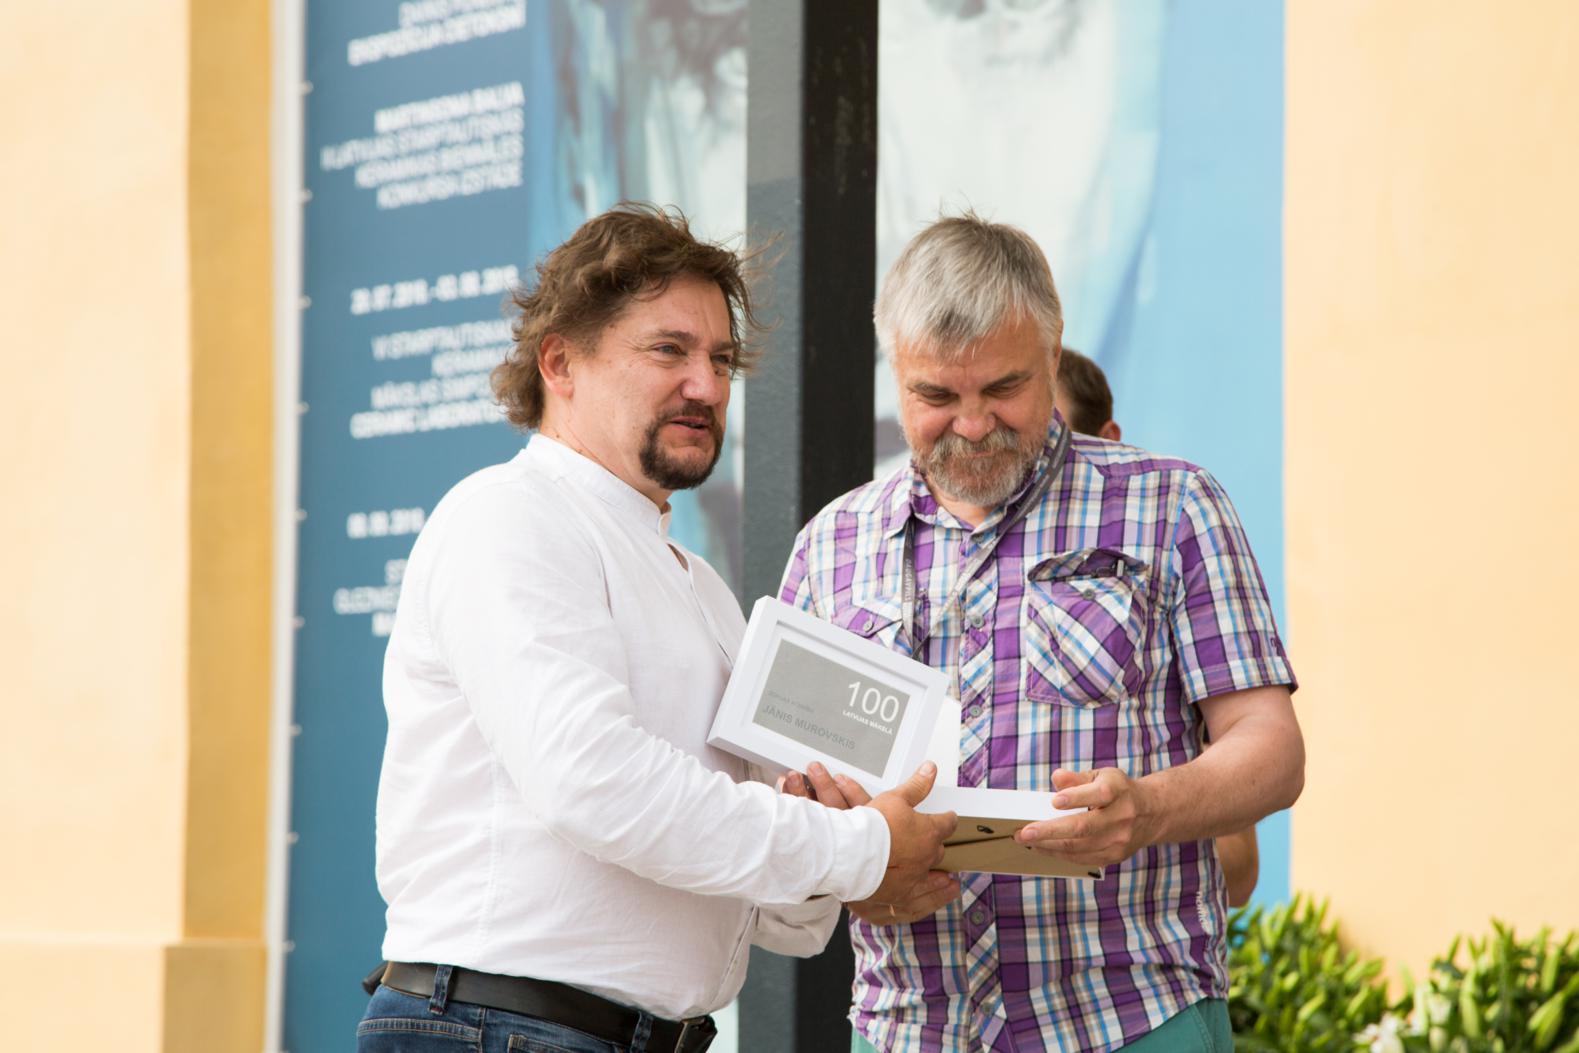 Награждены лауреаты конкурсной выставки  «100 в Латвийском искусстве»